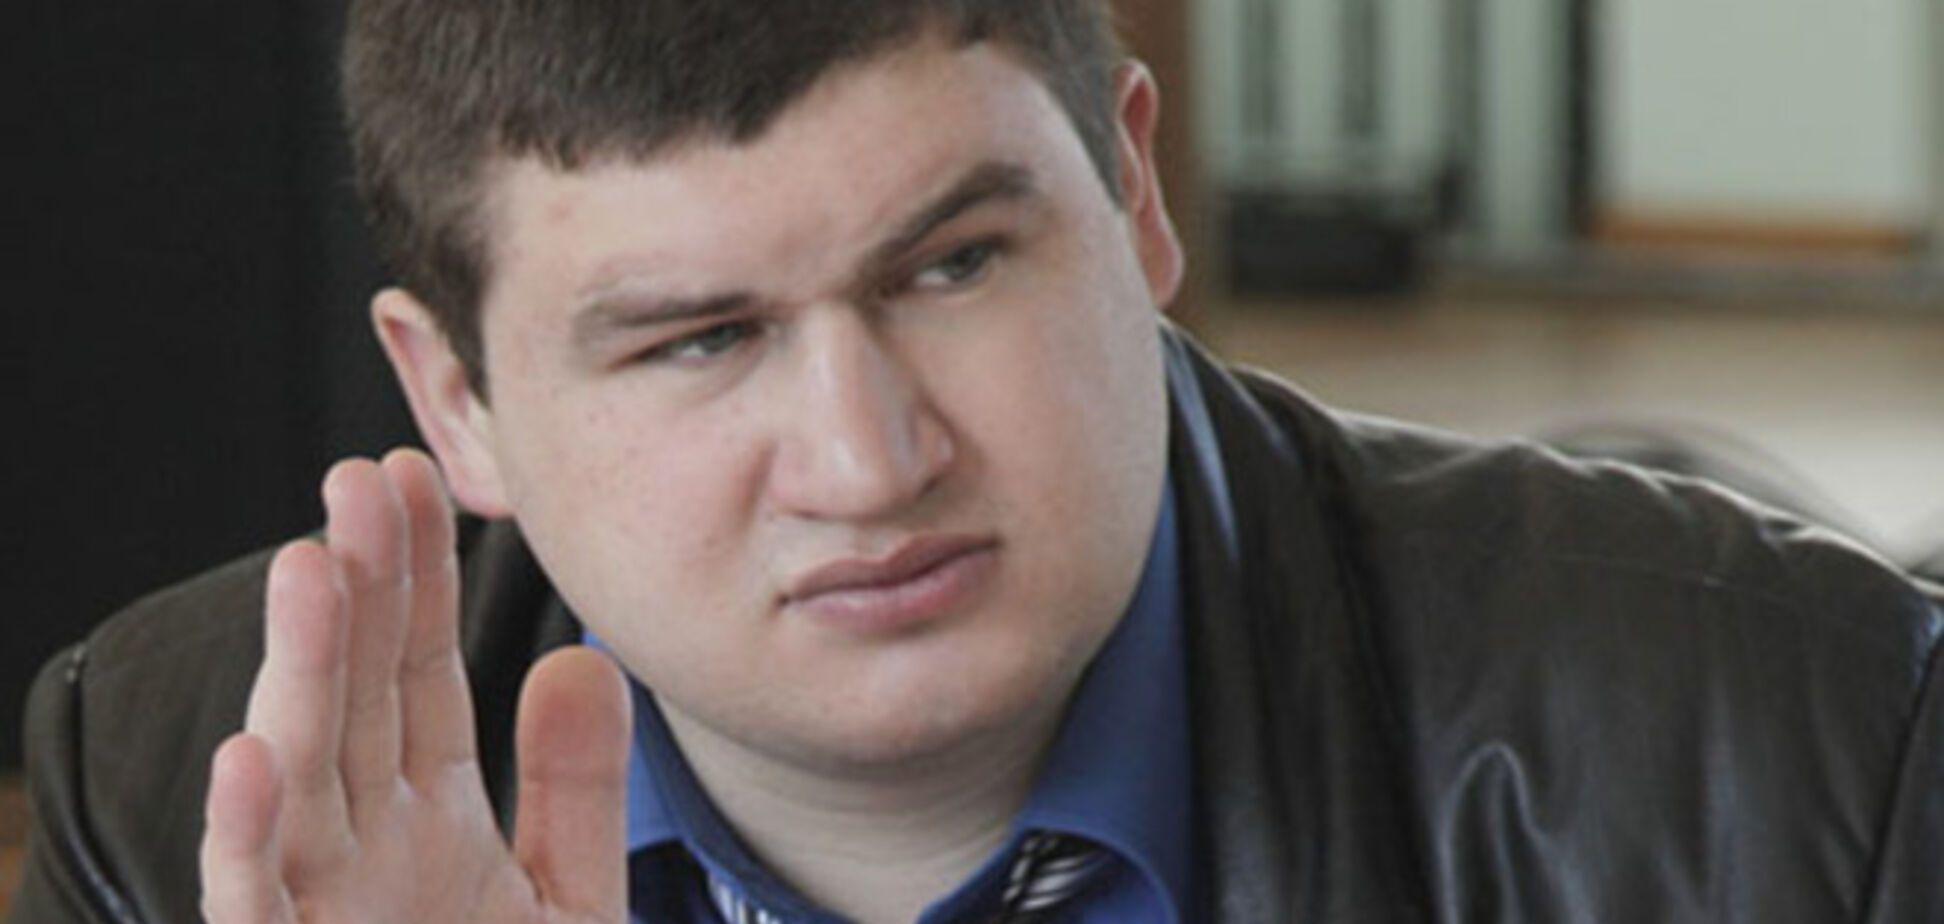 Суд Киева приговорил депутата-убийцу к 12 годам тюрьмы